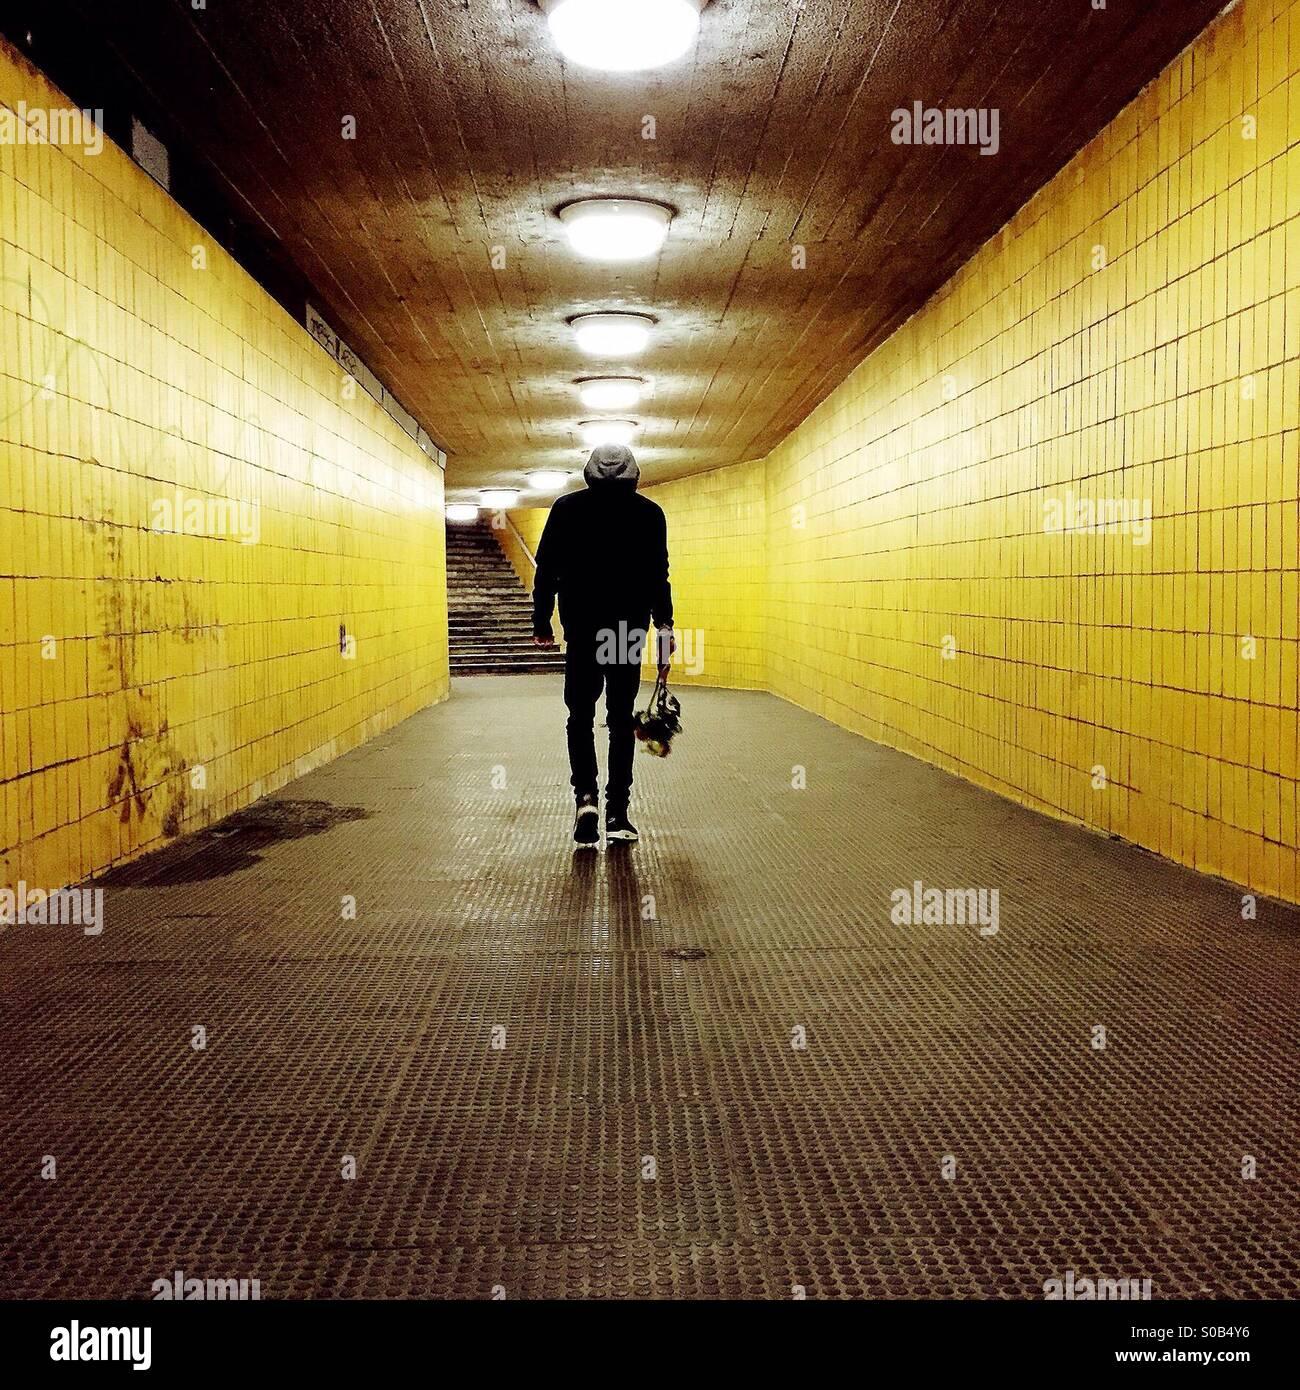 Giovane uomo camminare sotto un tunnel di colore giallo Immagini Stock